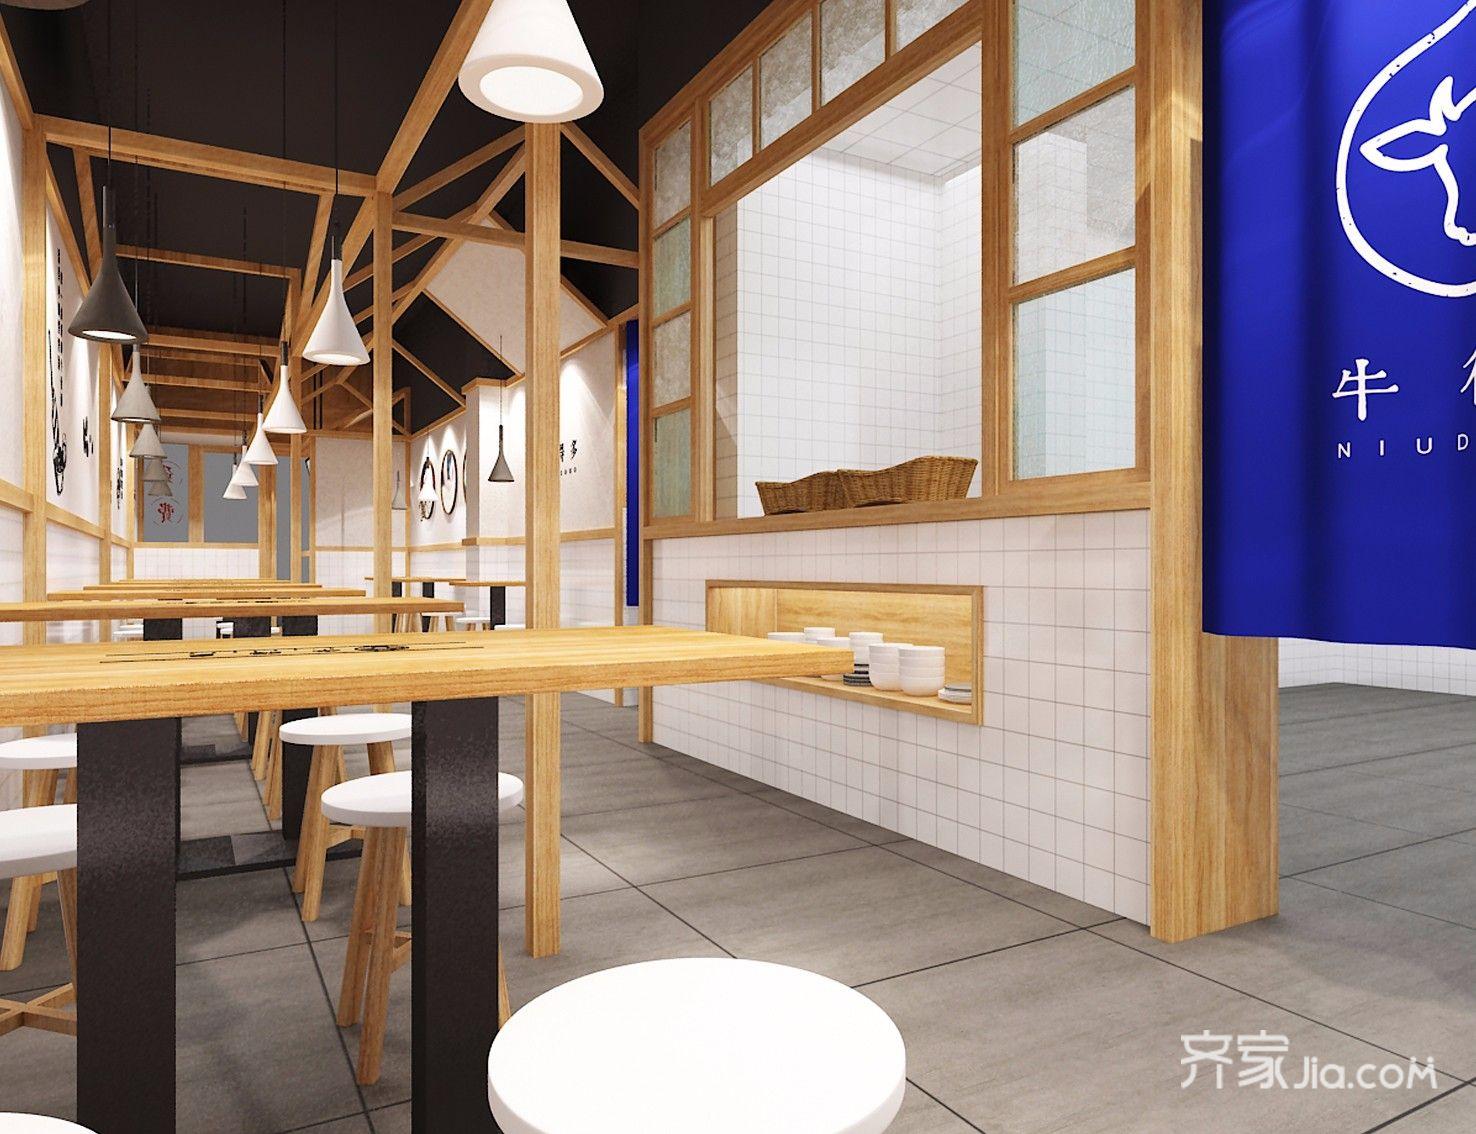 100平米日式商用装修效果图,日式风格面馆 牛得多装修